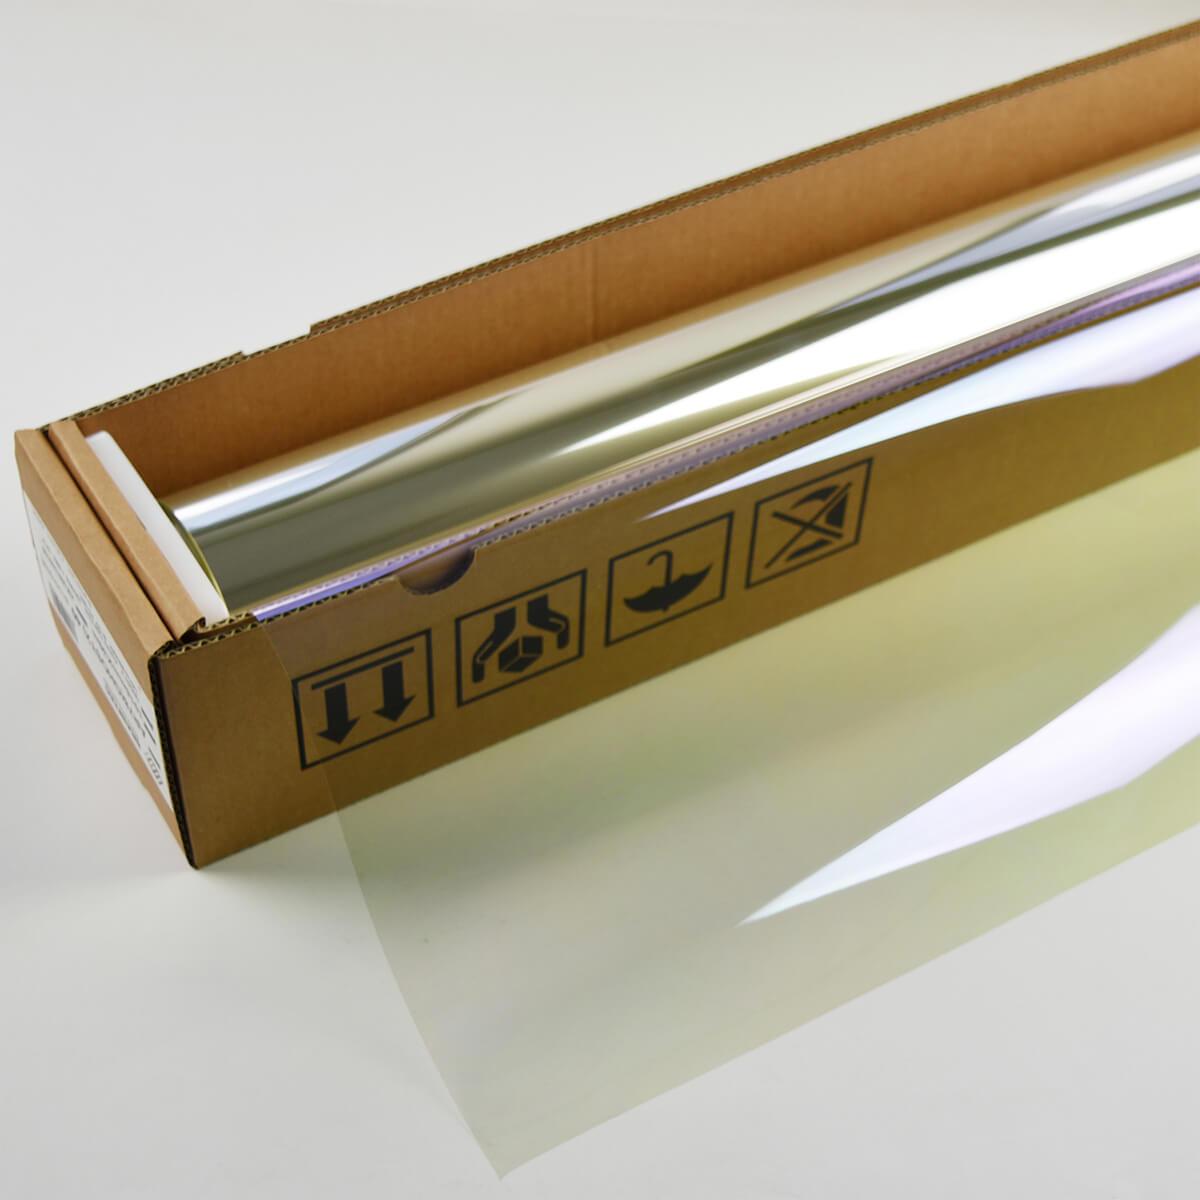 条件付き送料無料 GHOSTII(ゴーストII) オーロラ78 1m幅 x 長さ30mロール箱 ブレインテック 多層マルチレイヤー ストラクチュラルカラー オーロラフィルム78 [10-AR78(GHOSTII)40]